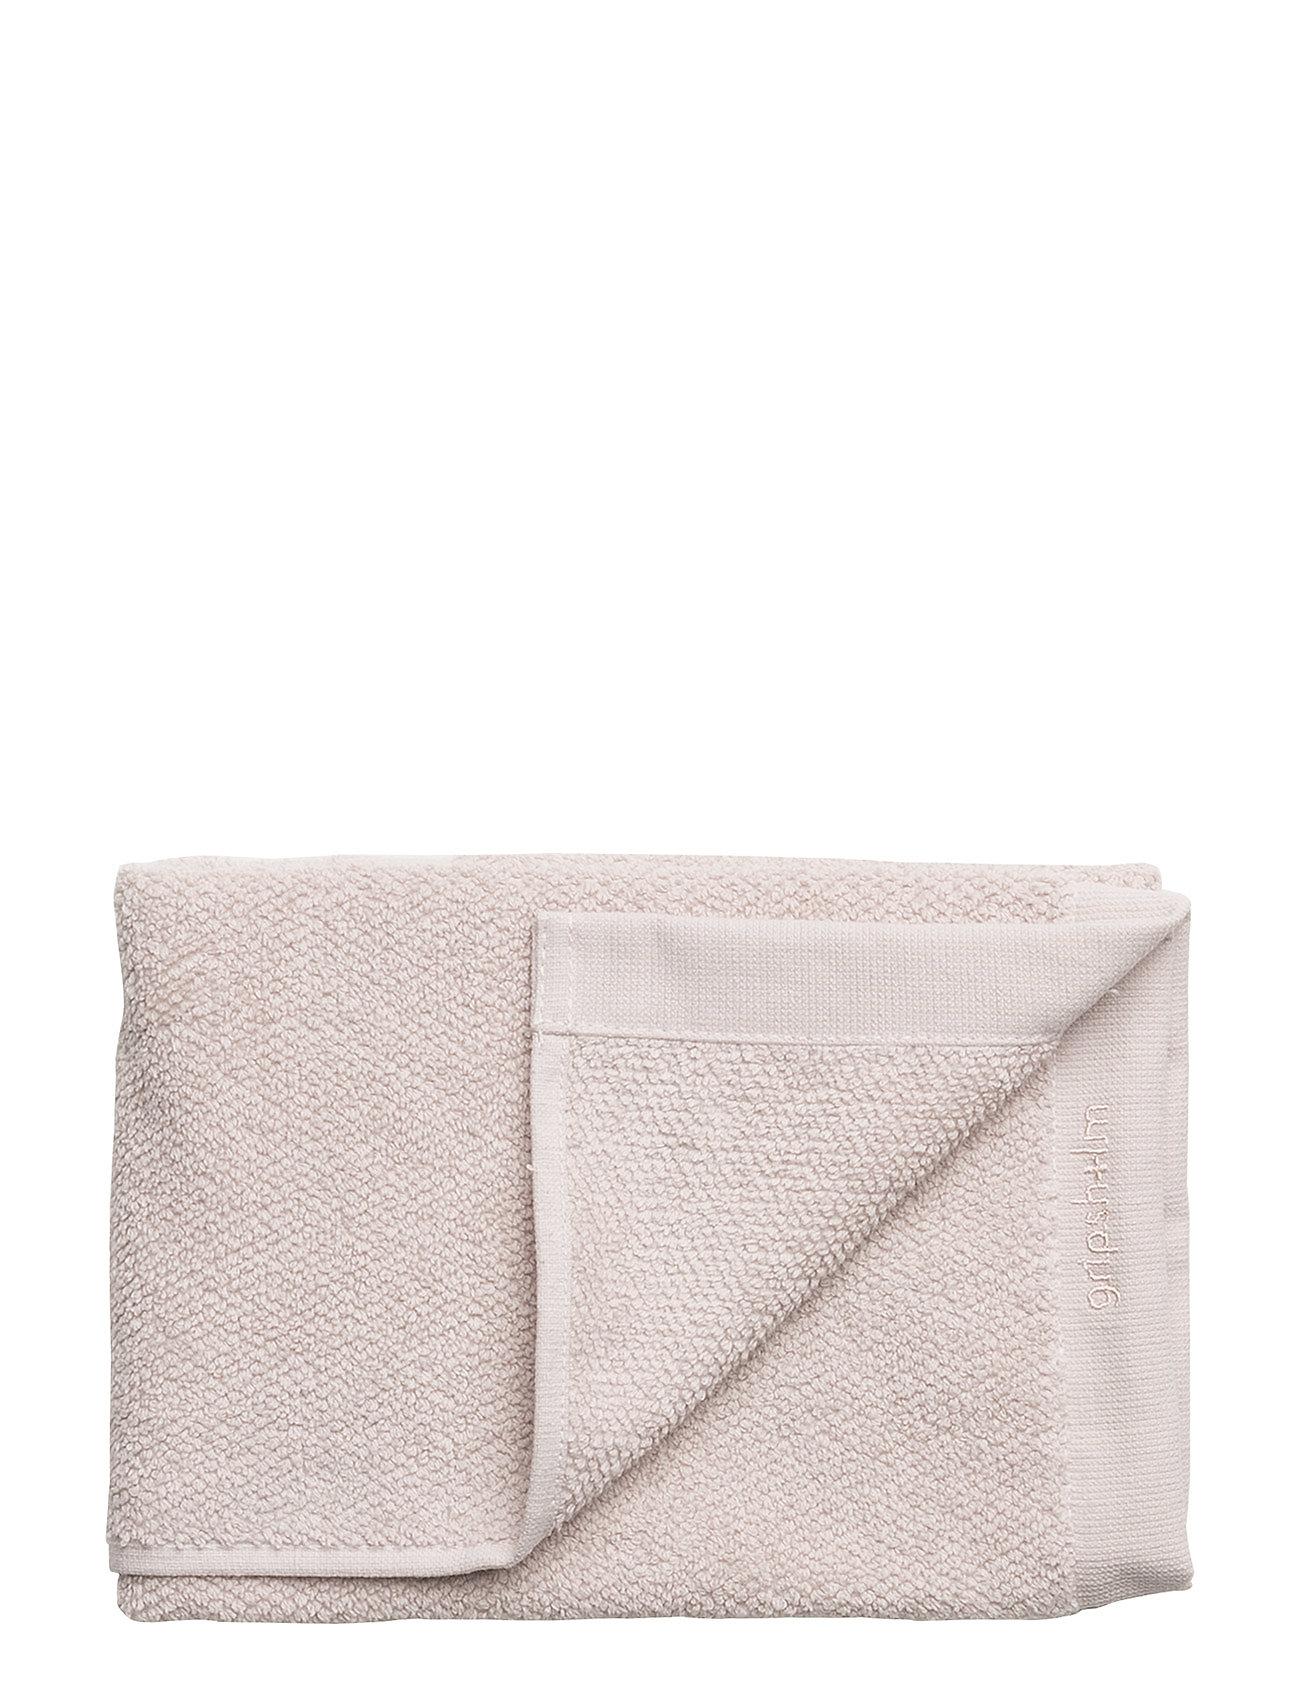 Towel Cotton Linen - Gripsholm